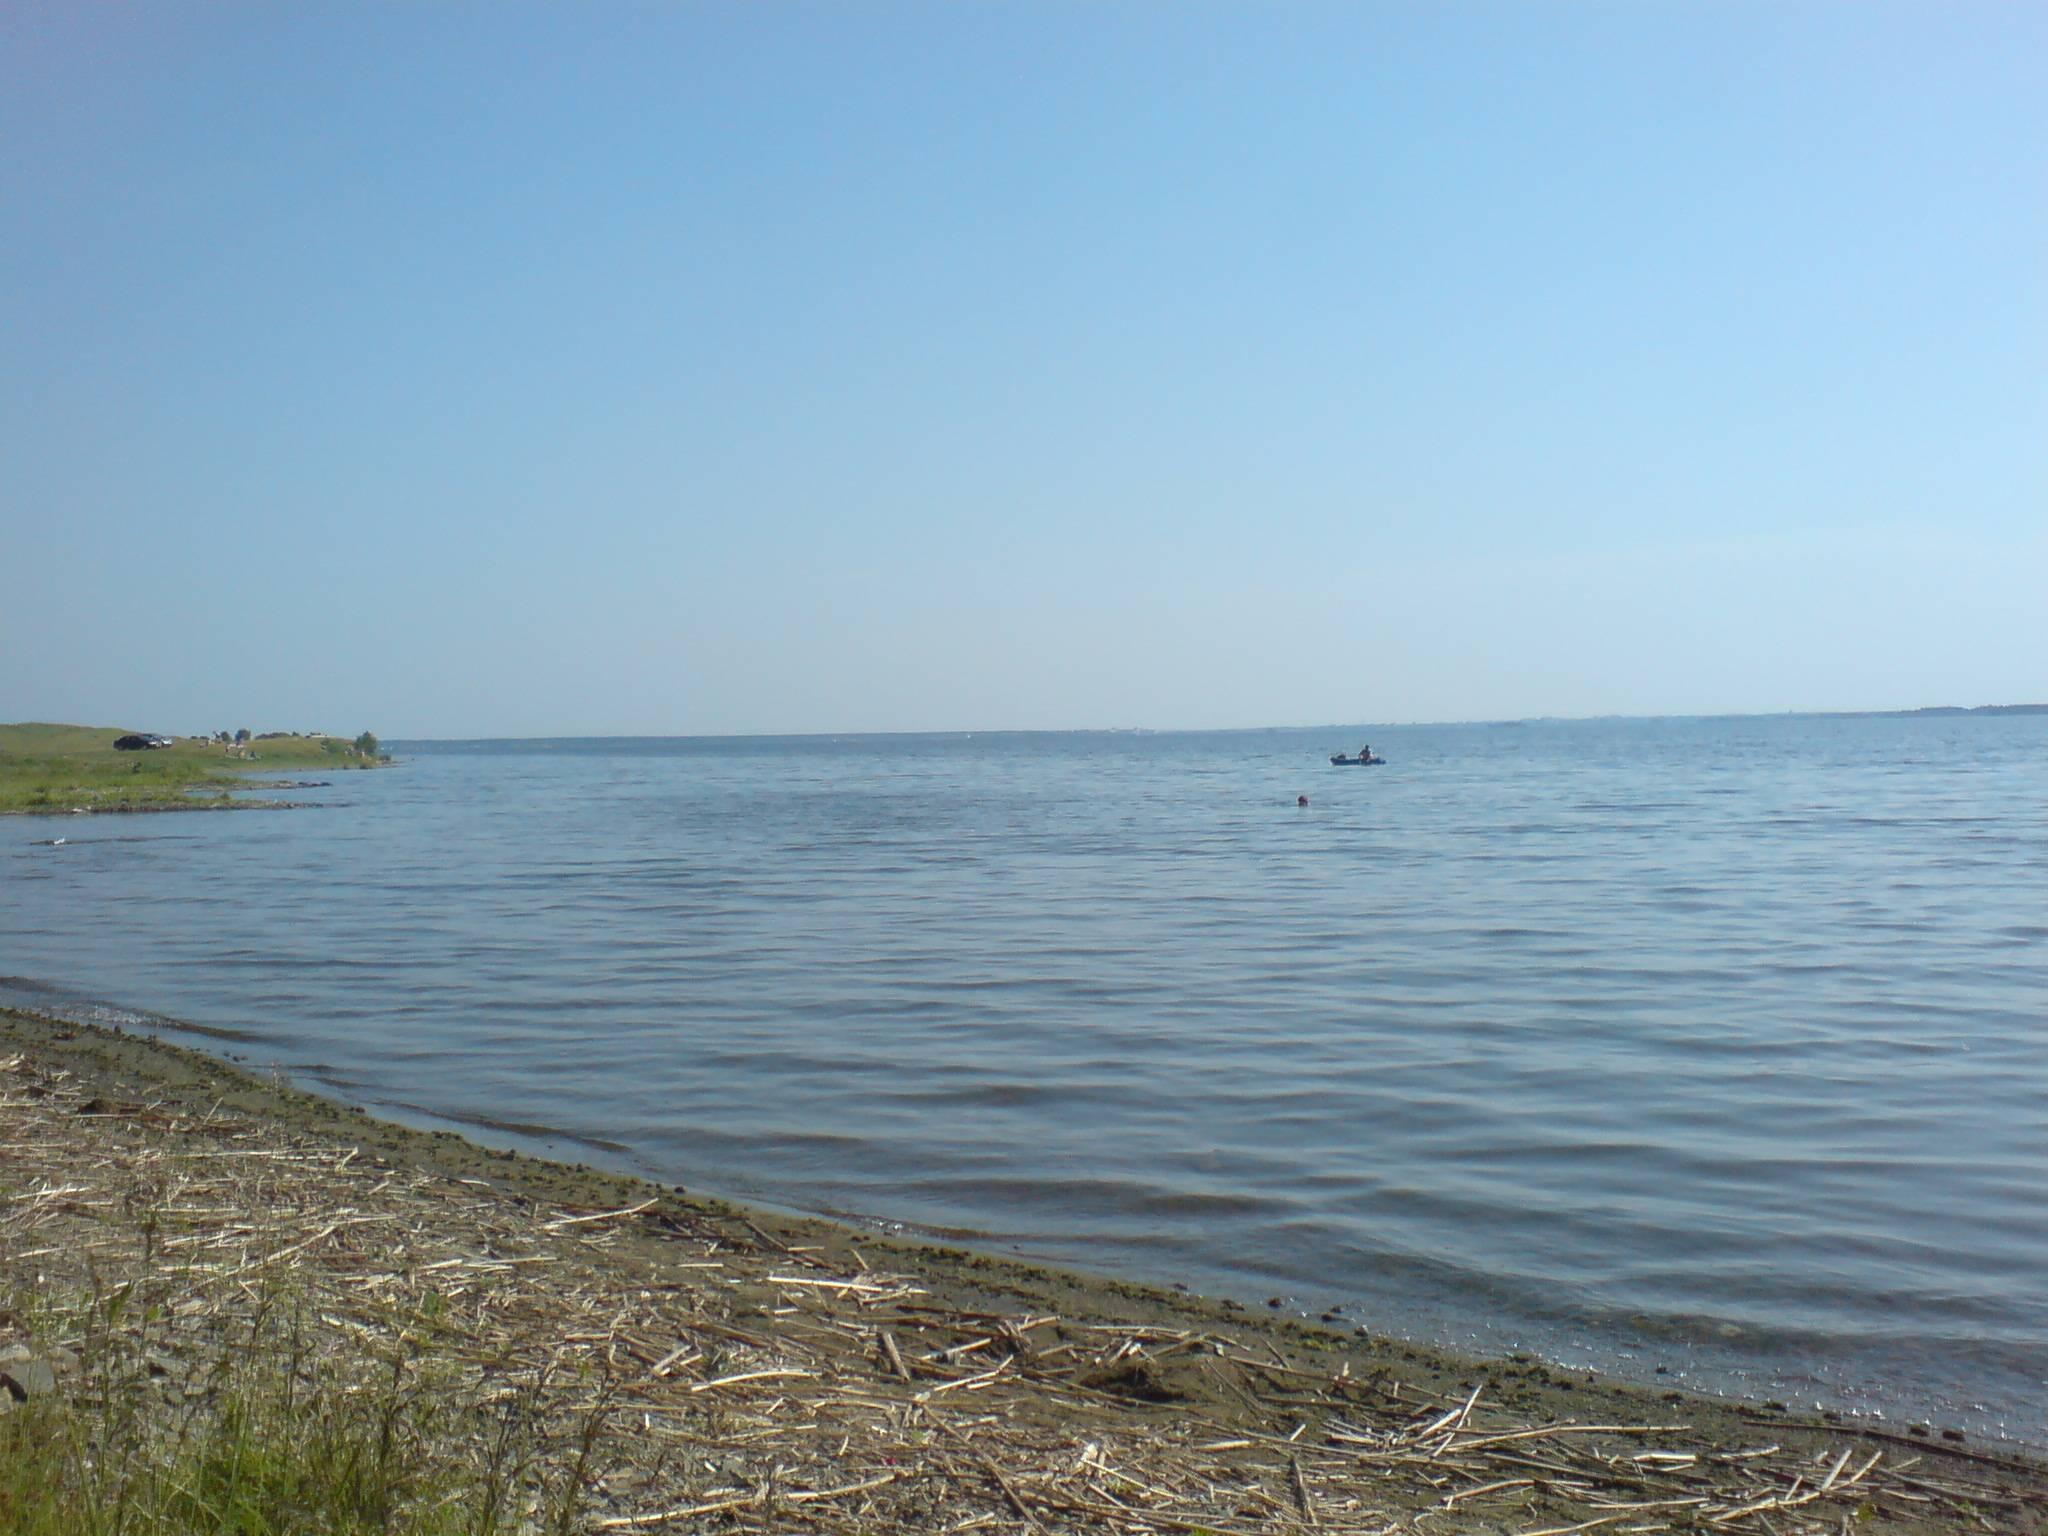 Бирюзовое озеро в челябинской области — цена въезда, официальный сайт, контакты, рыбалка, на карте, как добраться